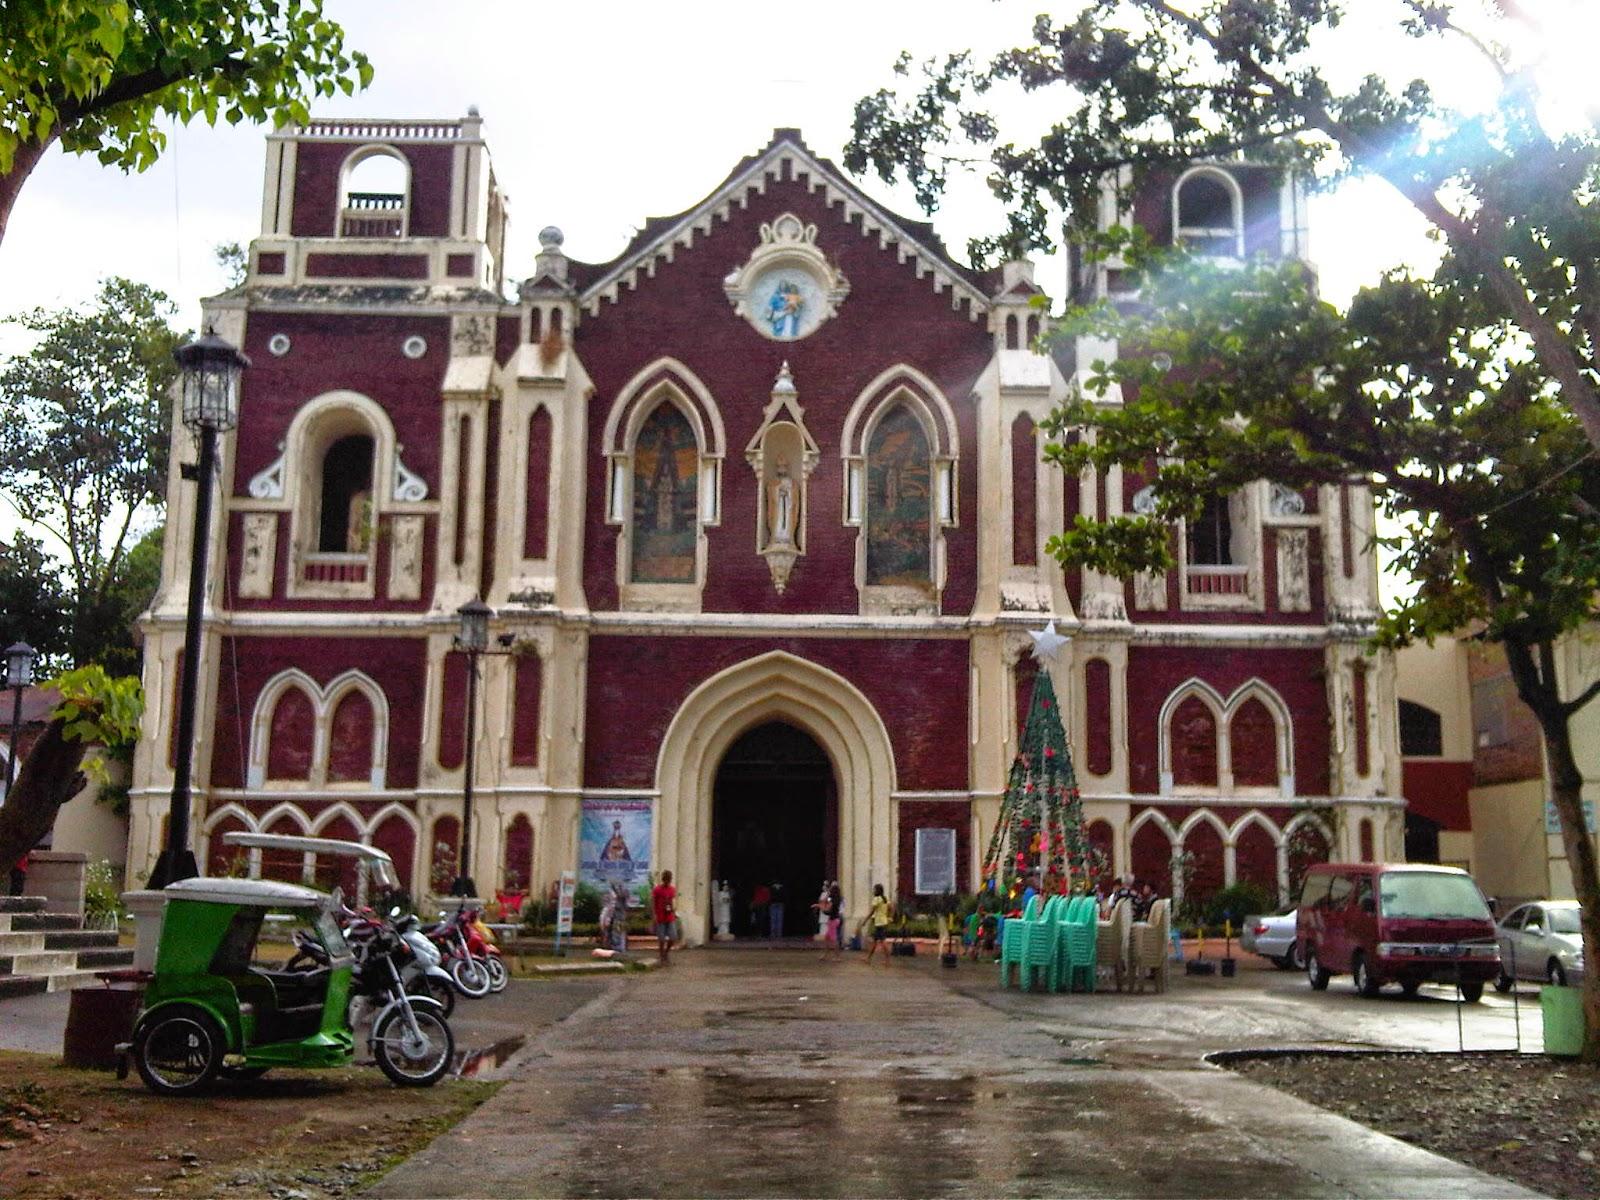 Bantay Church in Vigan